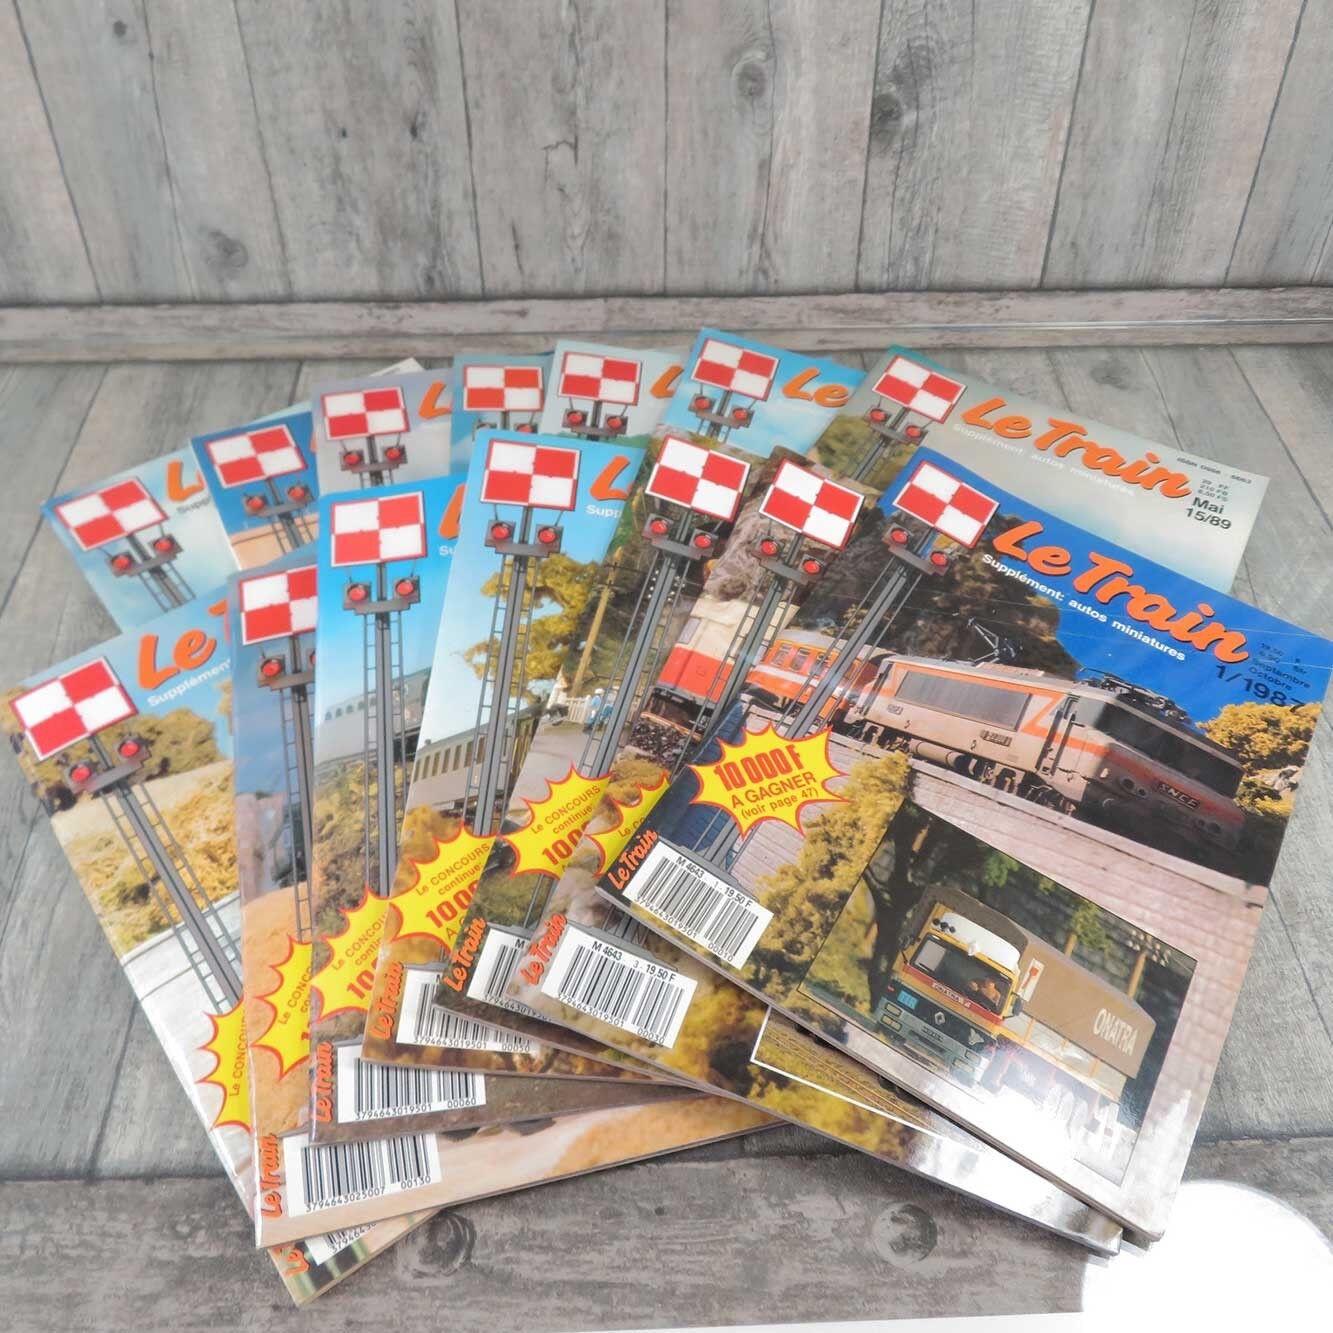 LE TRAIN - 14 Hefte - aus den Jahren 1987 - 1989 - Heft 2,7,12 fehlen -  A21147